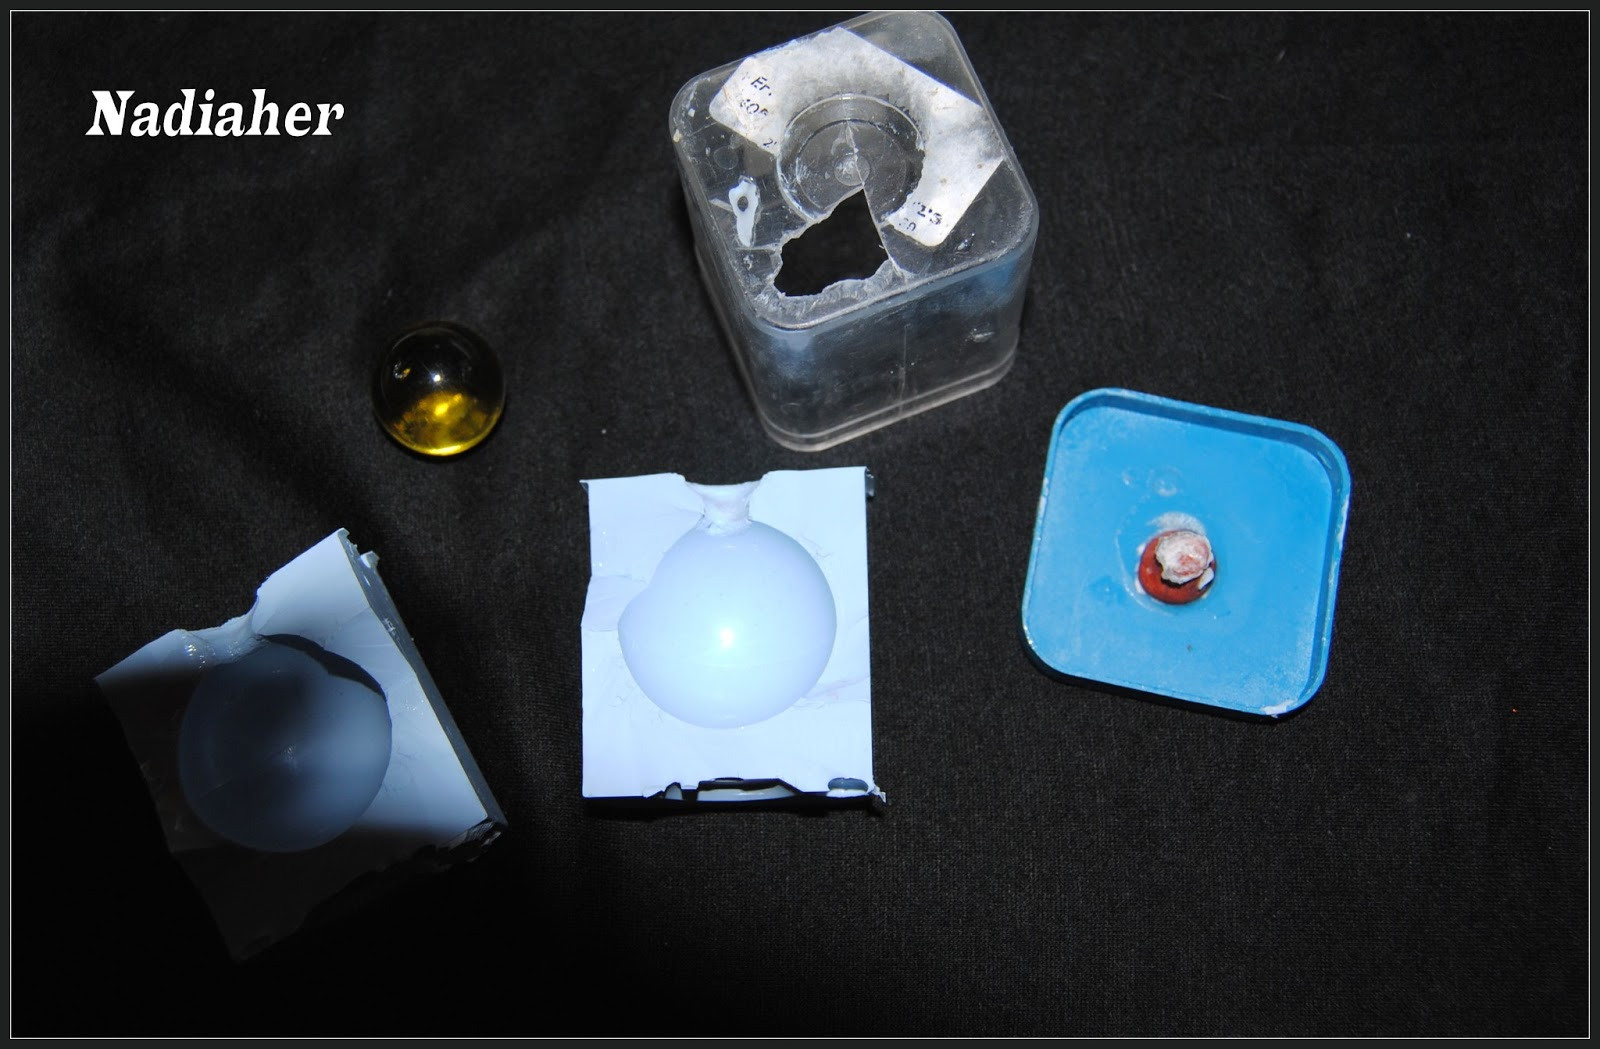 Tuto pour faire un moule pour boules en resine hobby 39 s de nadou - Comment percer un evier en resine ...